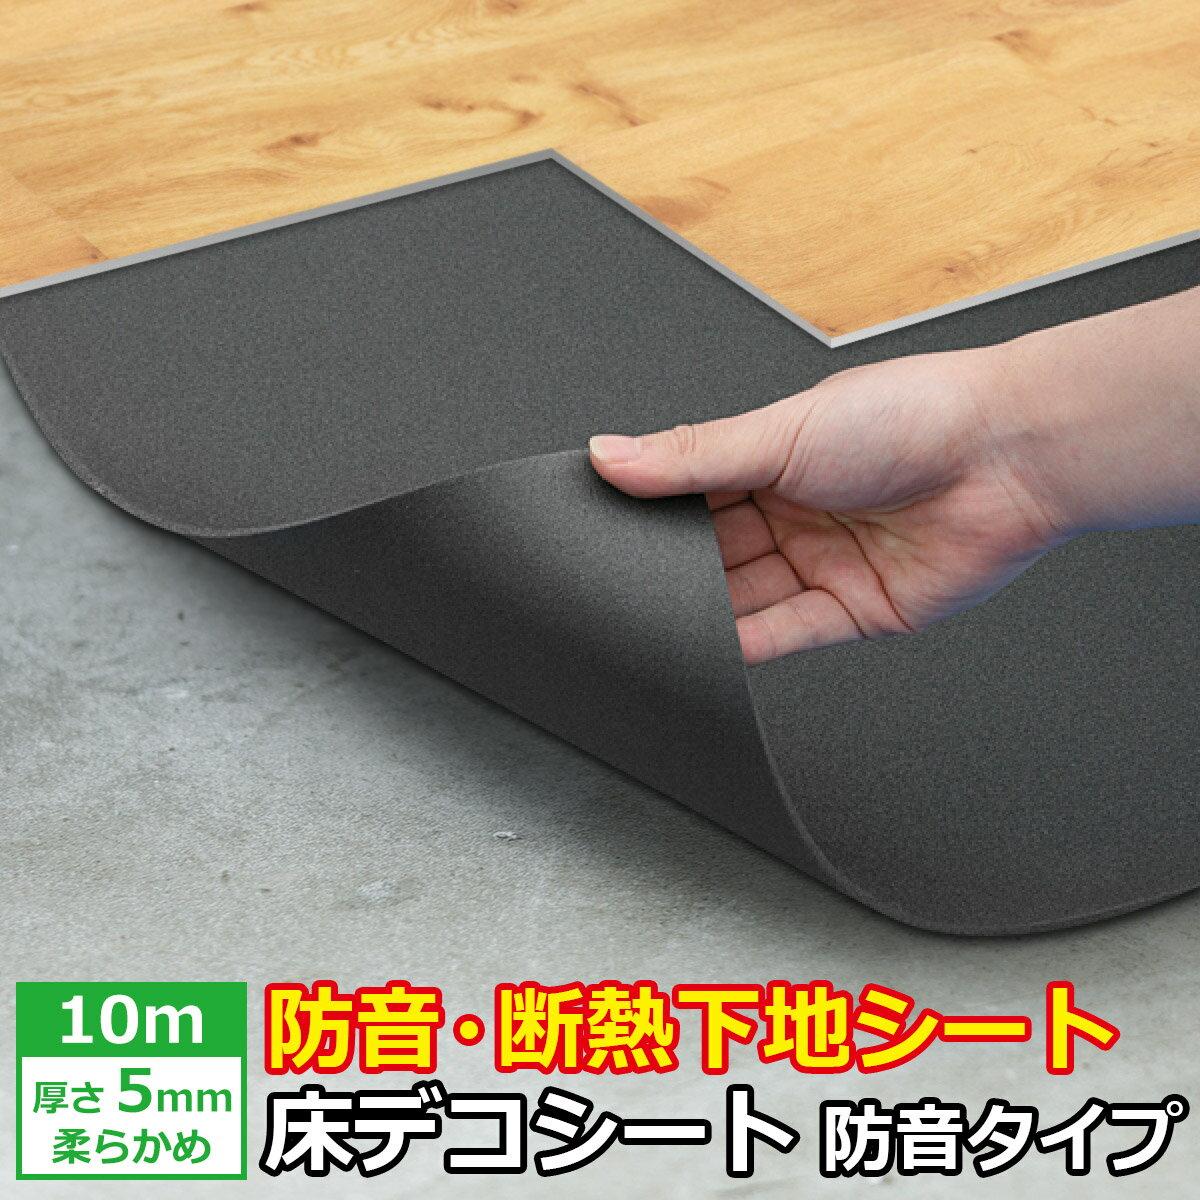 防音 断熱 下地材 床デコシート防音タイプ 10メートル 遮音マット 遮音シート 防音マット 防音シート 断熱材 断熱シート 断熱マット